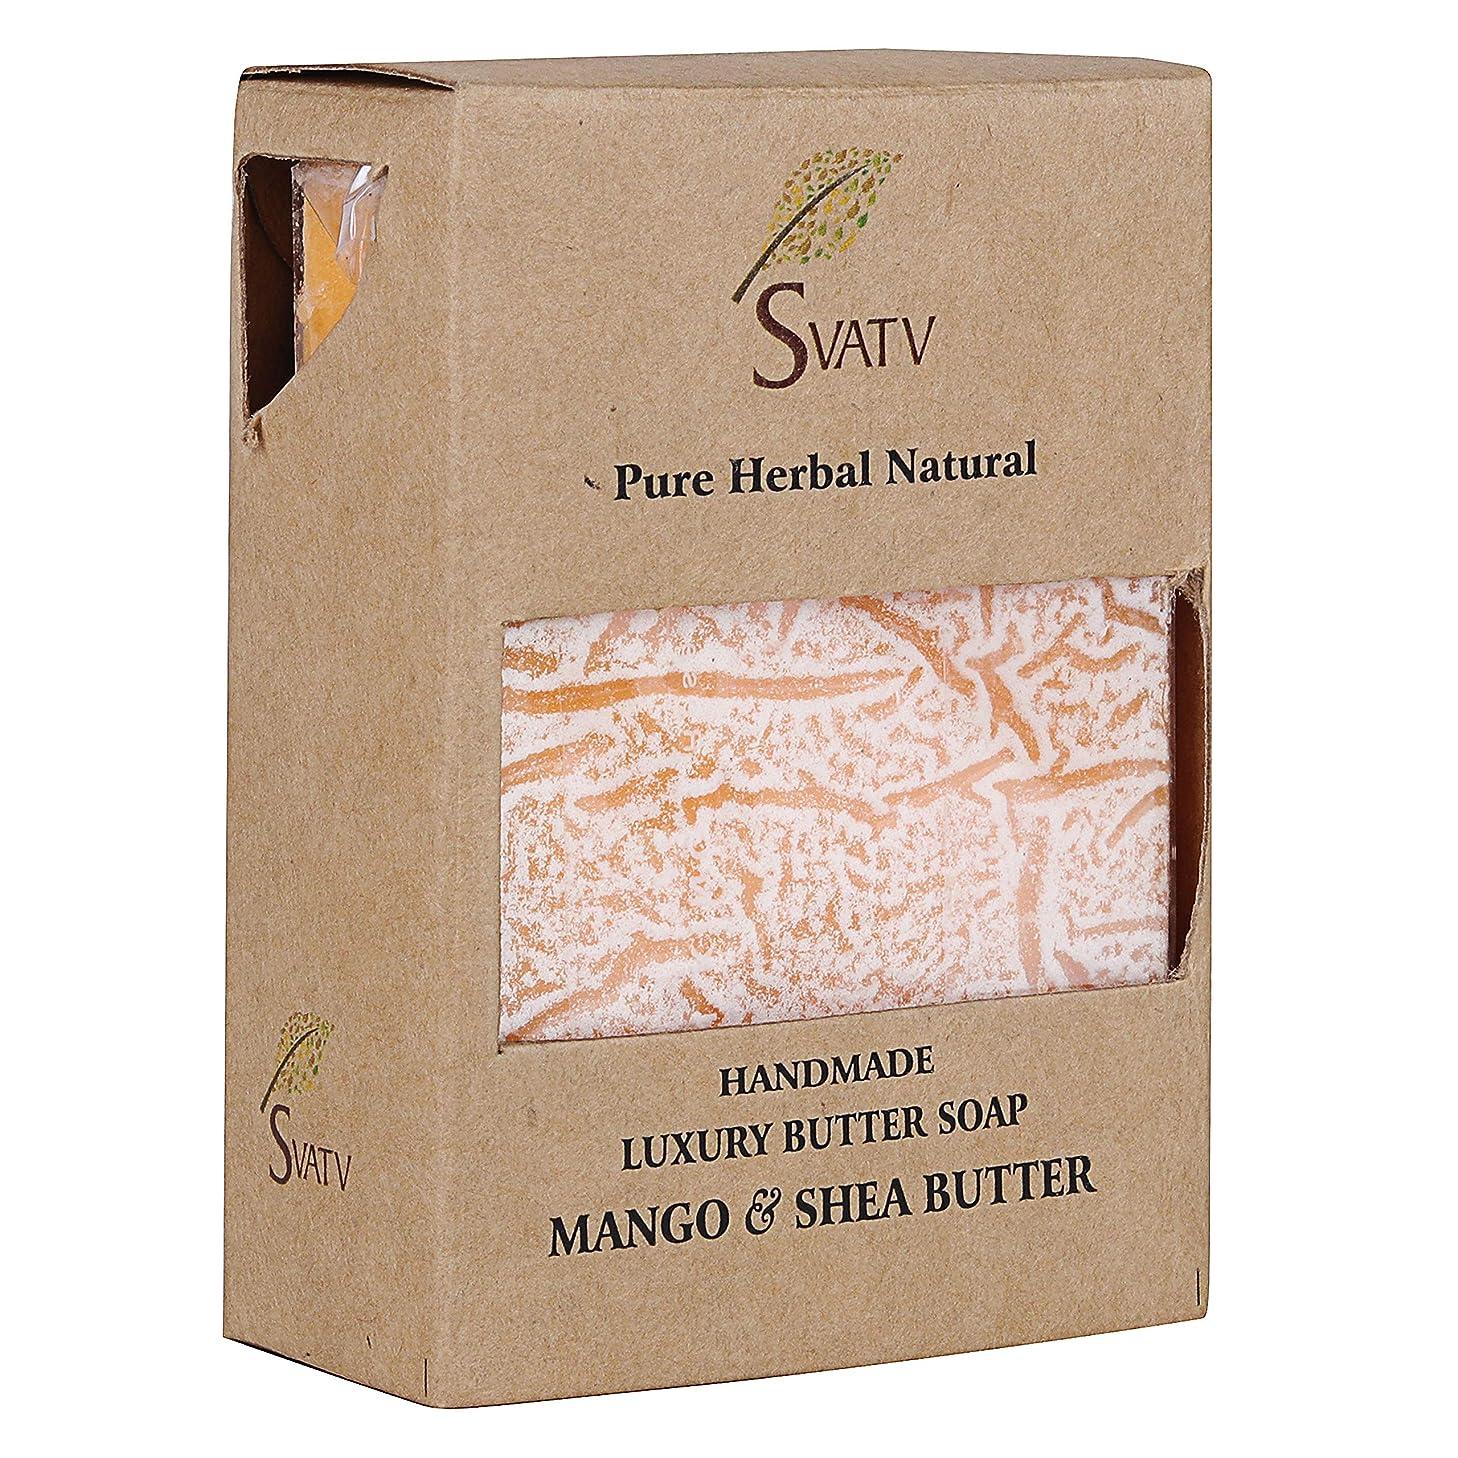 移住するさておき伝統的SVATV Handmade Luxury Butter Soap Mango & Shea Butter For All Skin types 100g Bar